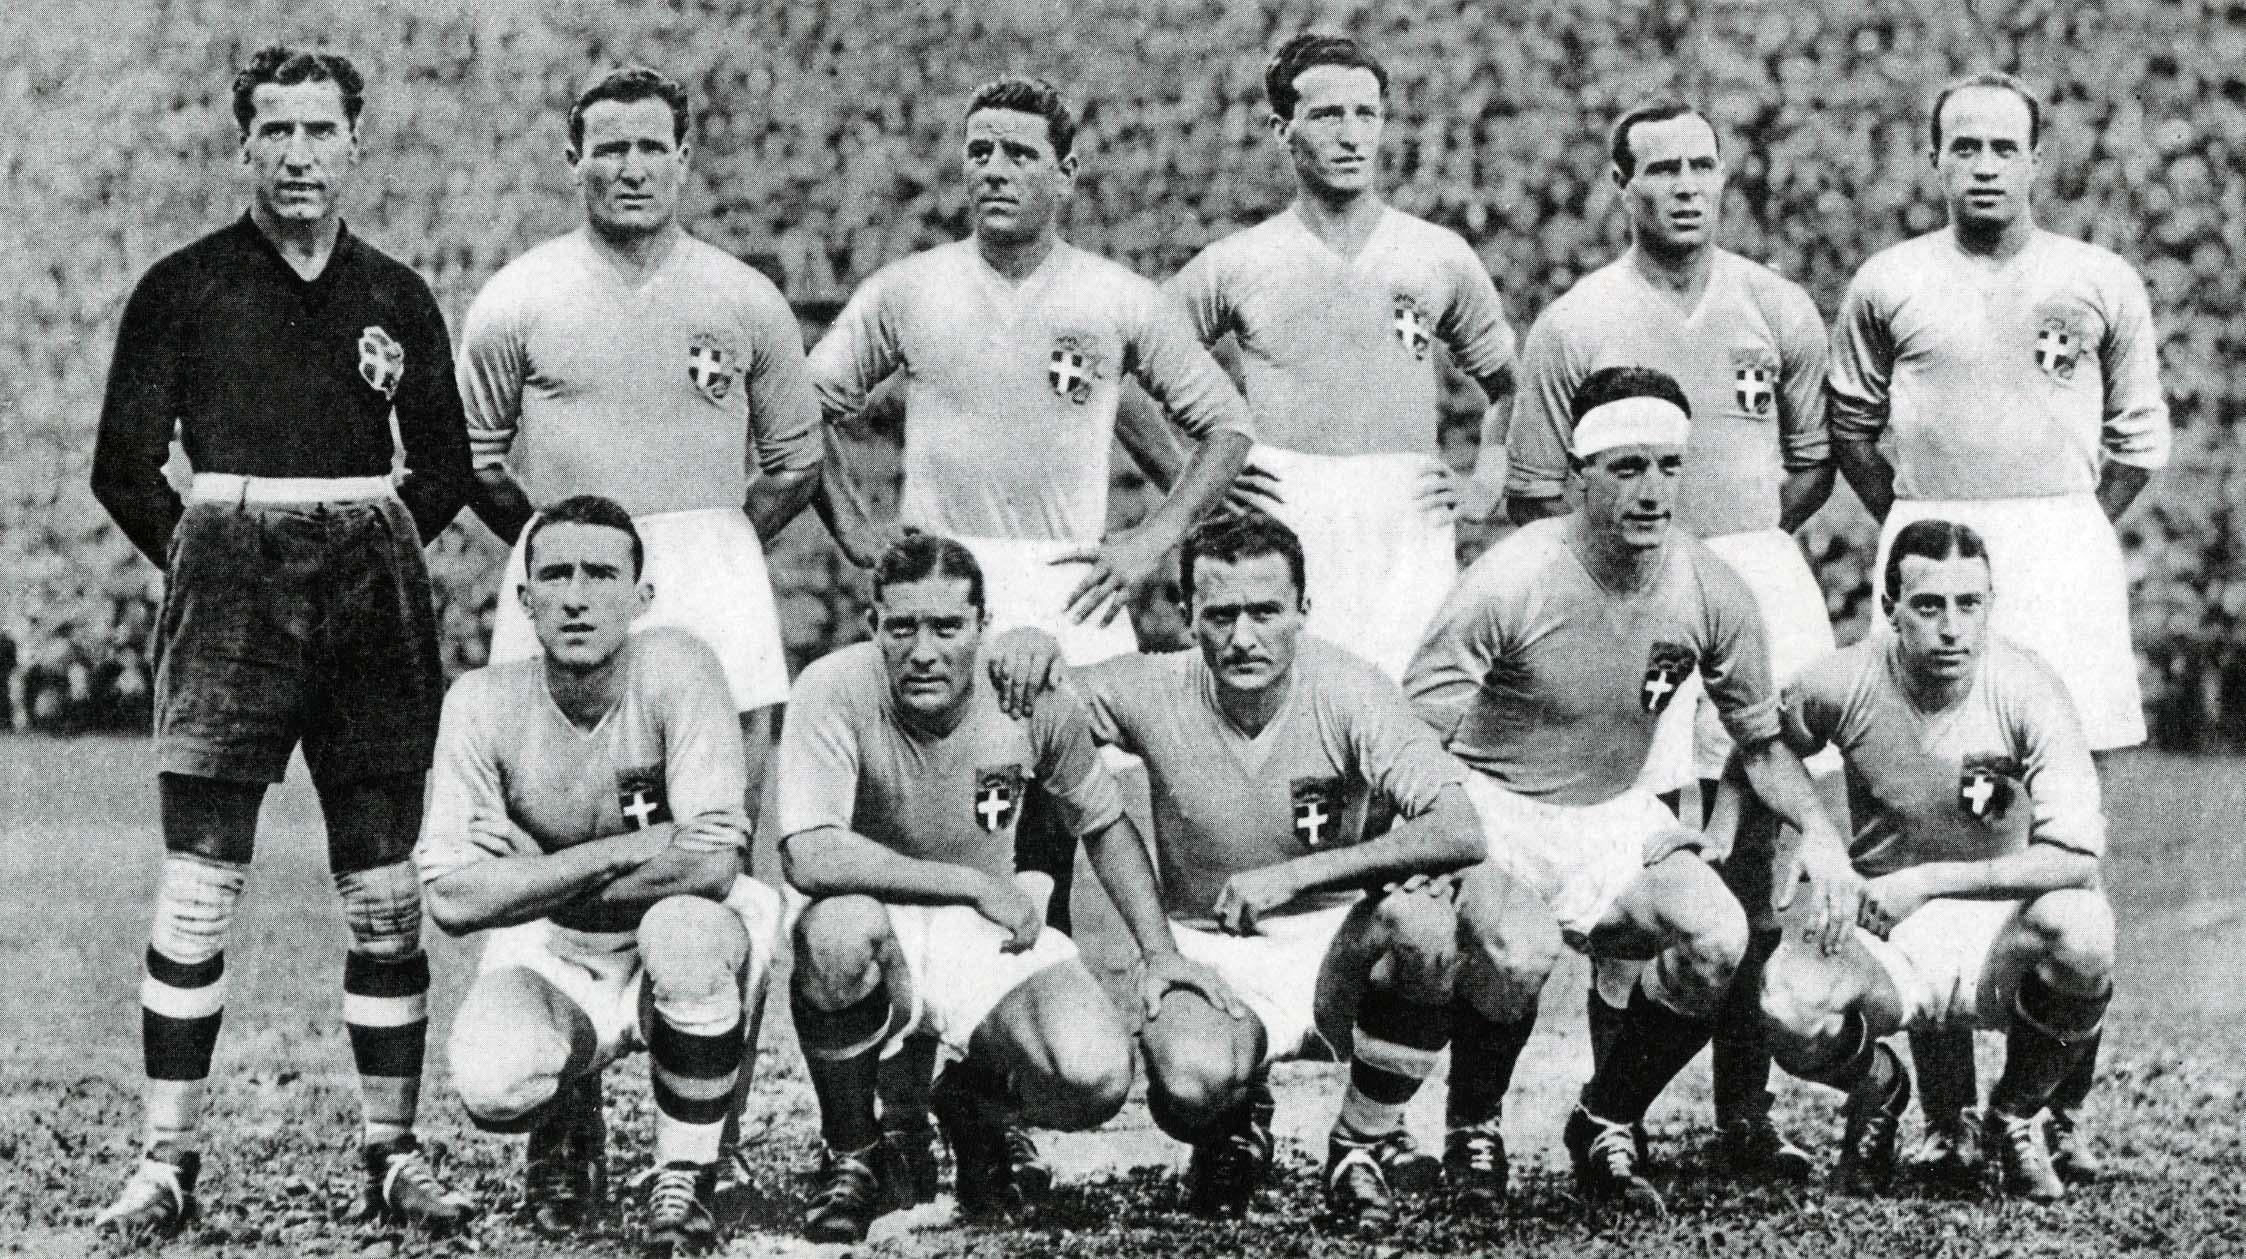 Mondiali, i trionfi dell'Italia nel '34 e nel '38